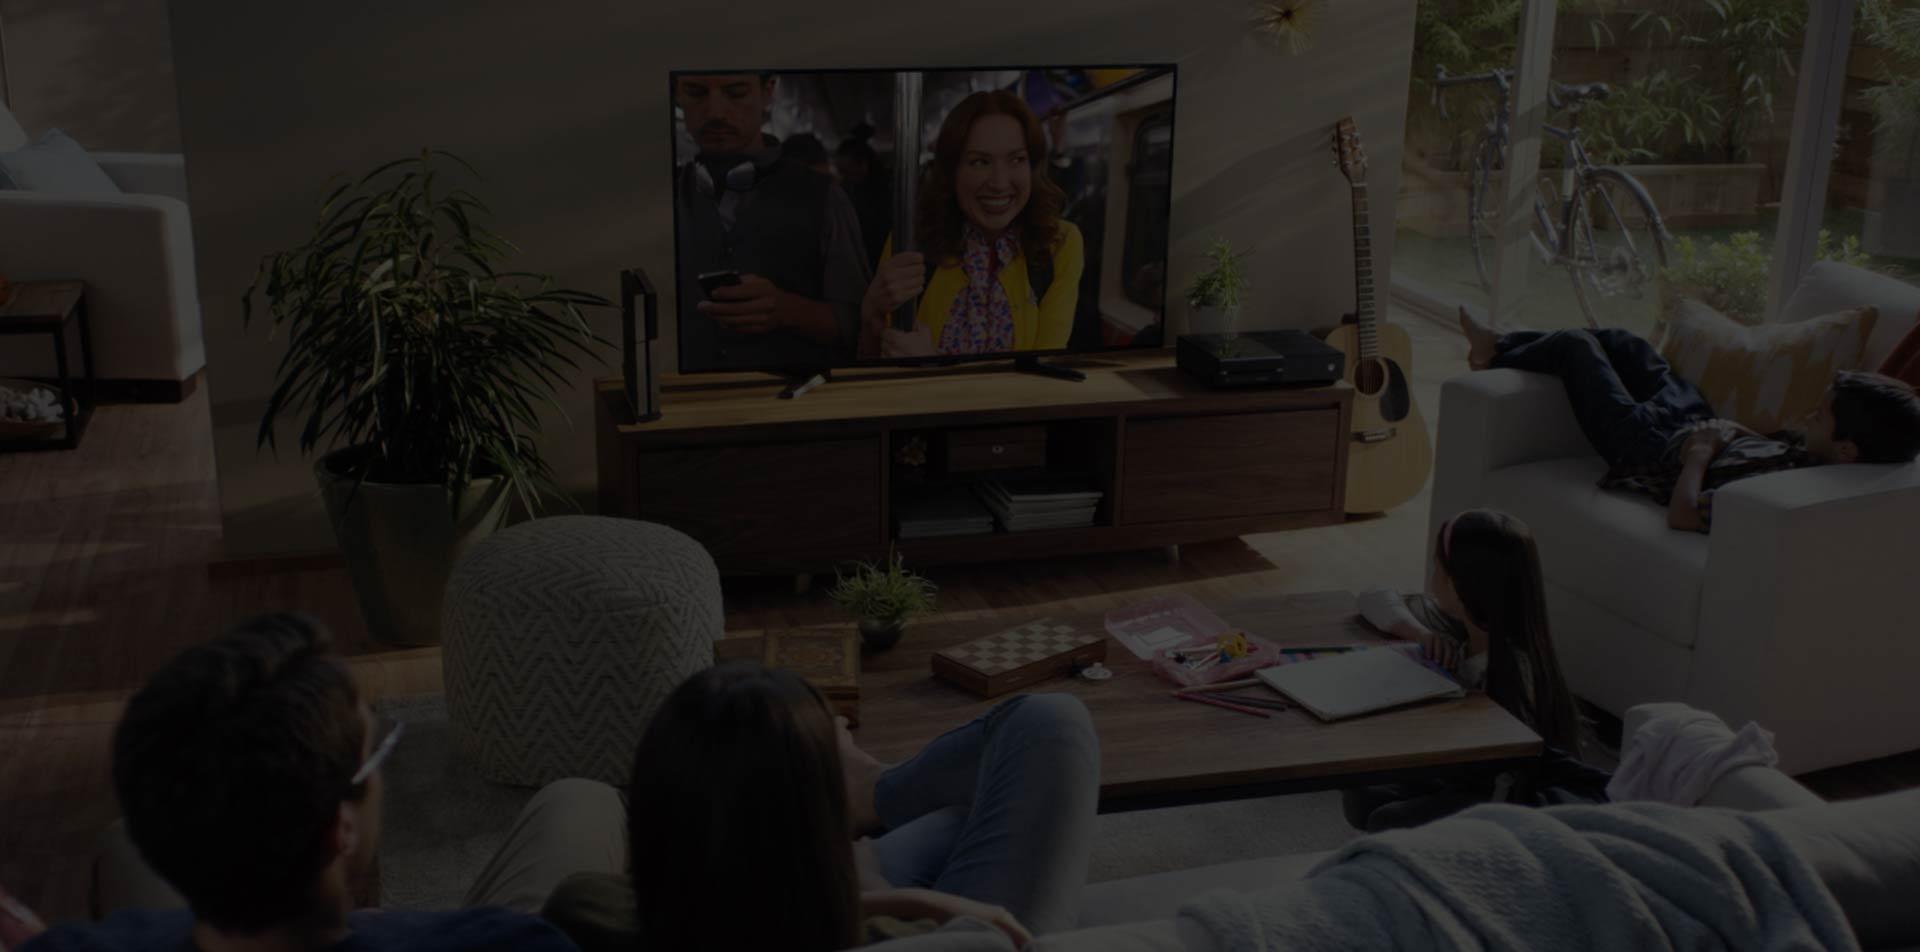 تعمیر کنترل هوشمند تلویزیون دوو در منزل